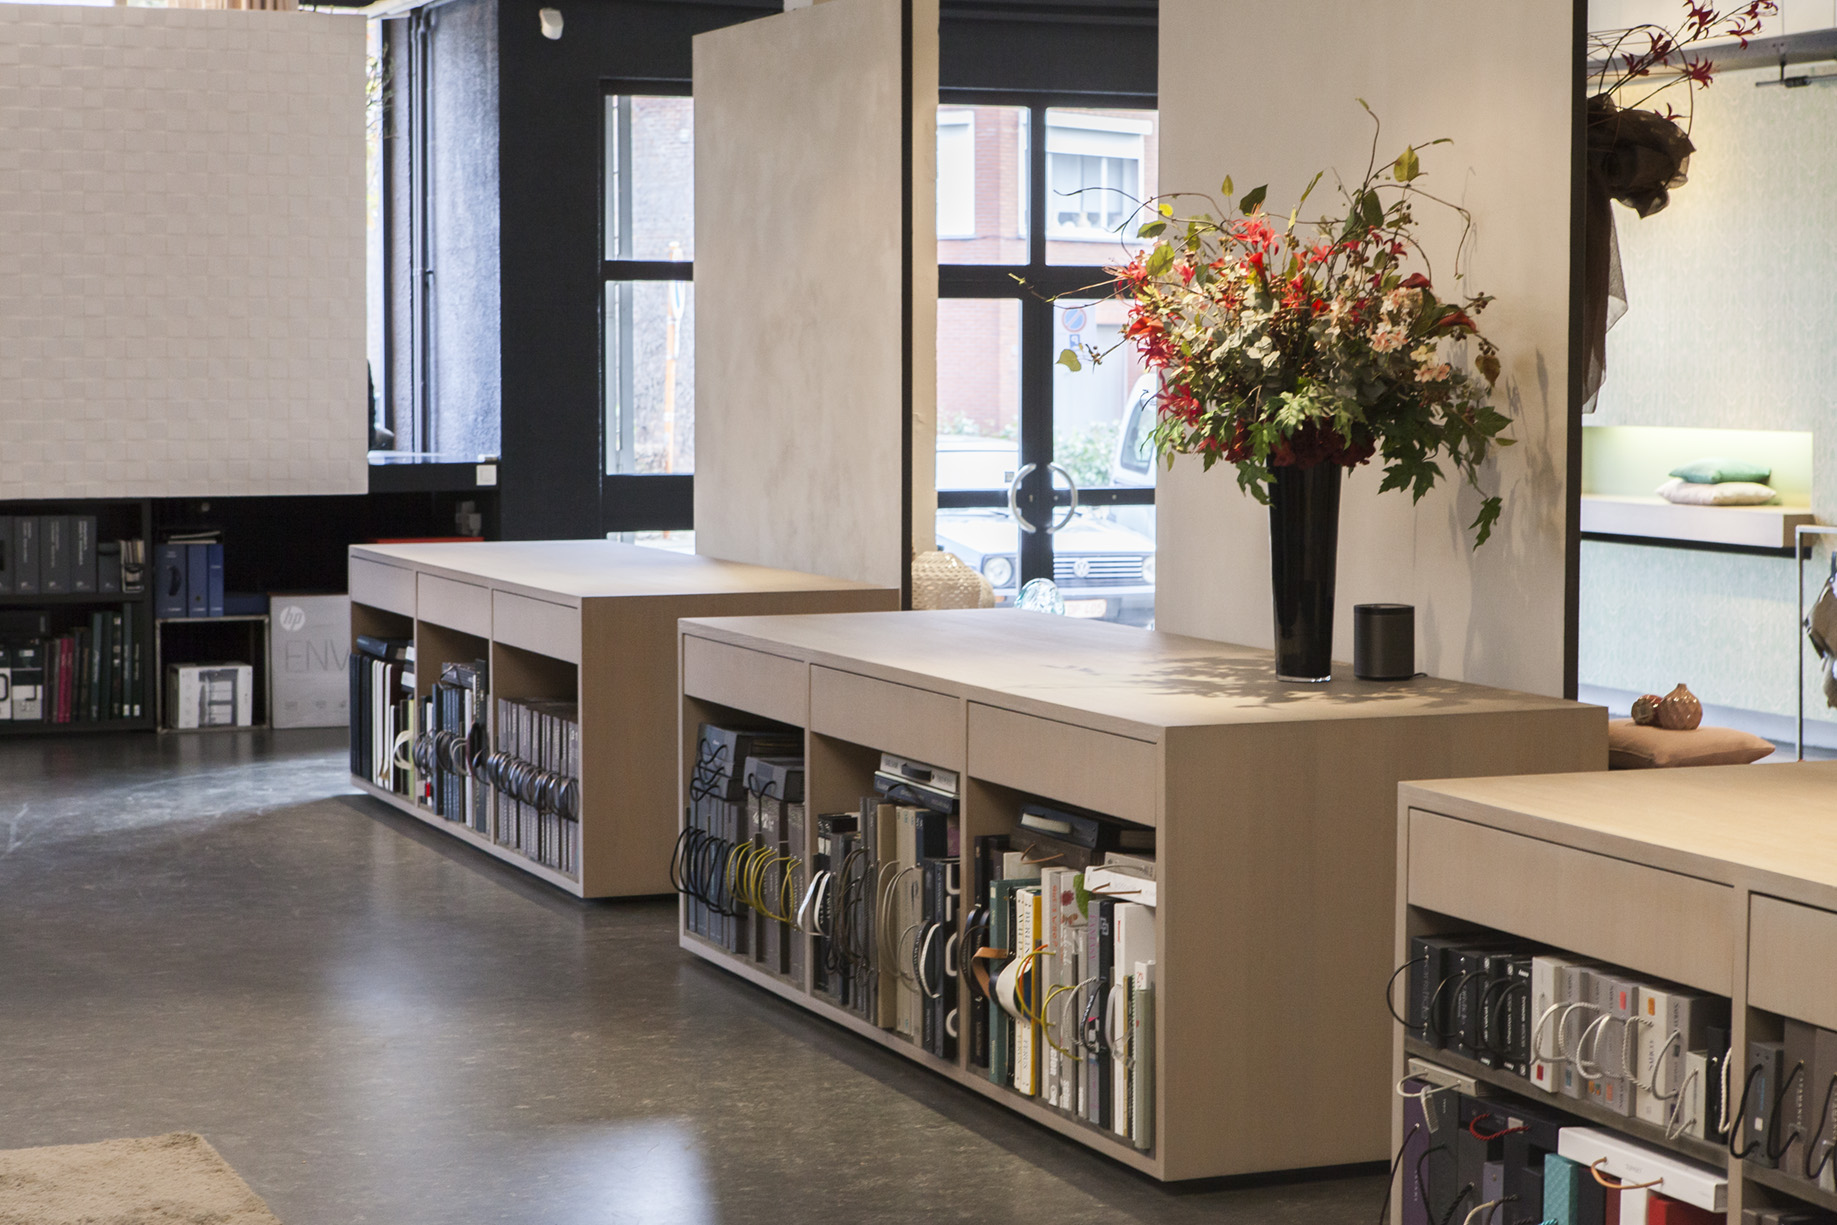 Bernaerts Schilderwerken showroom